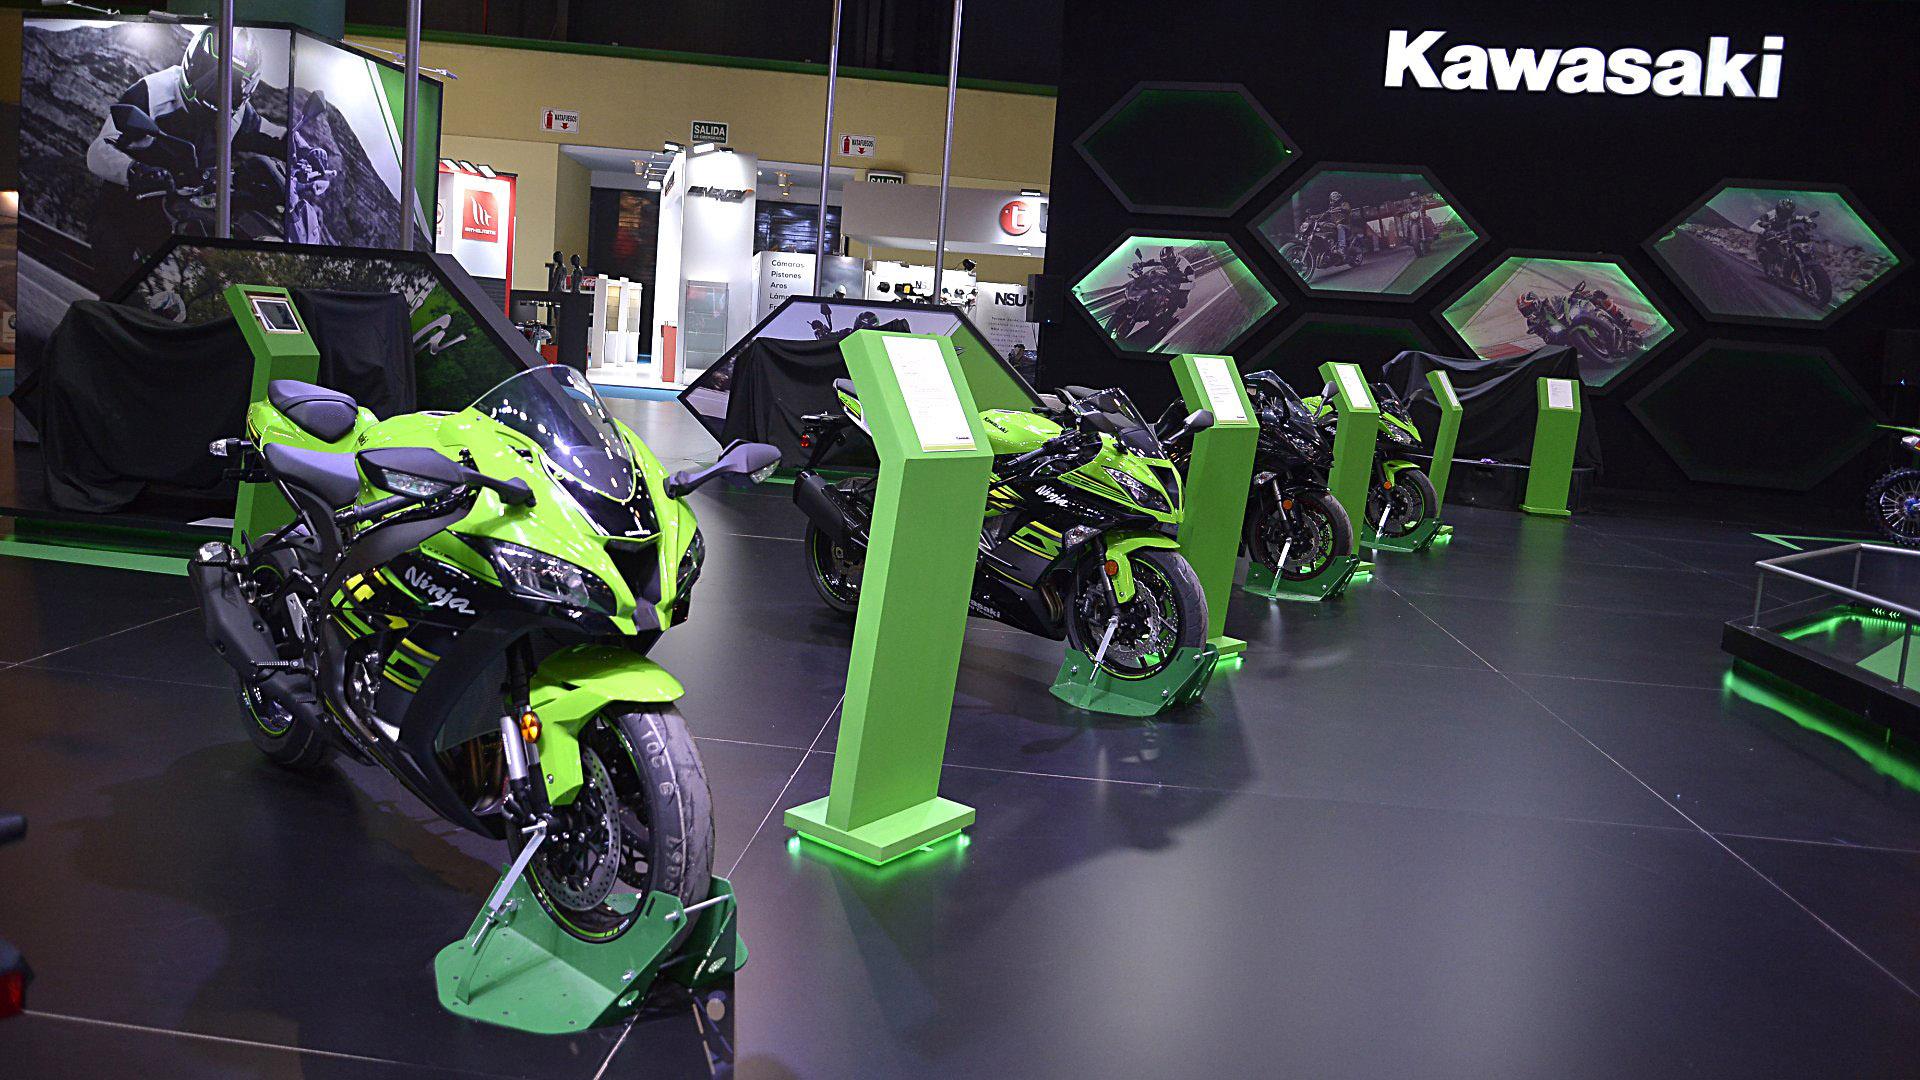 En el stand de Kawasaki se pueden disfrutar las nuevas propuestas de los modelos H2R, RS900 y las famosas Z1000 y Ninja 400